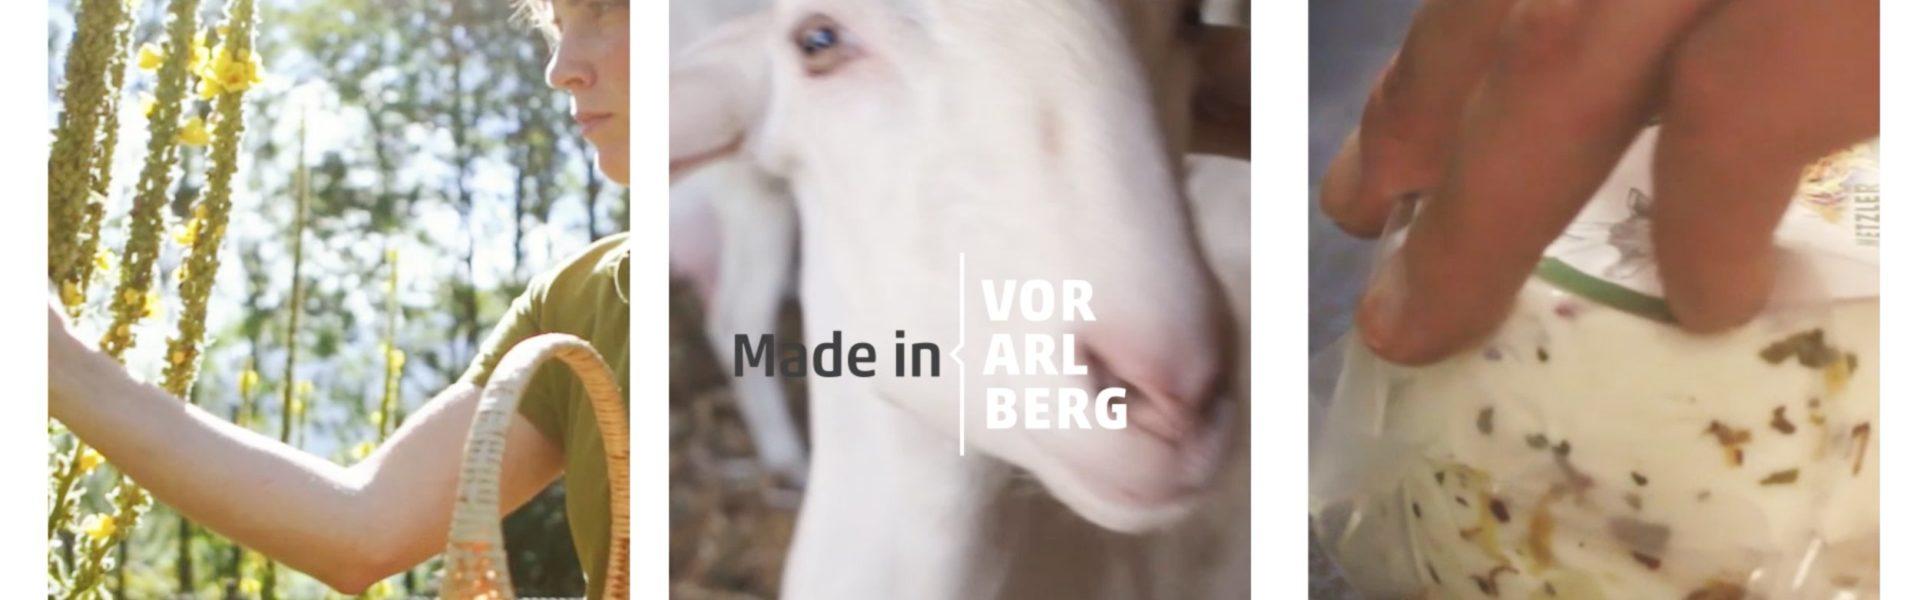 Metzler, Made in Vorarlberg, Video © Markus Gmeiner Matak films / Vorarlberg Tourismus GmbH